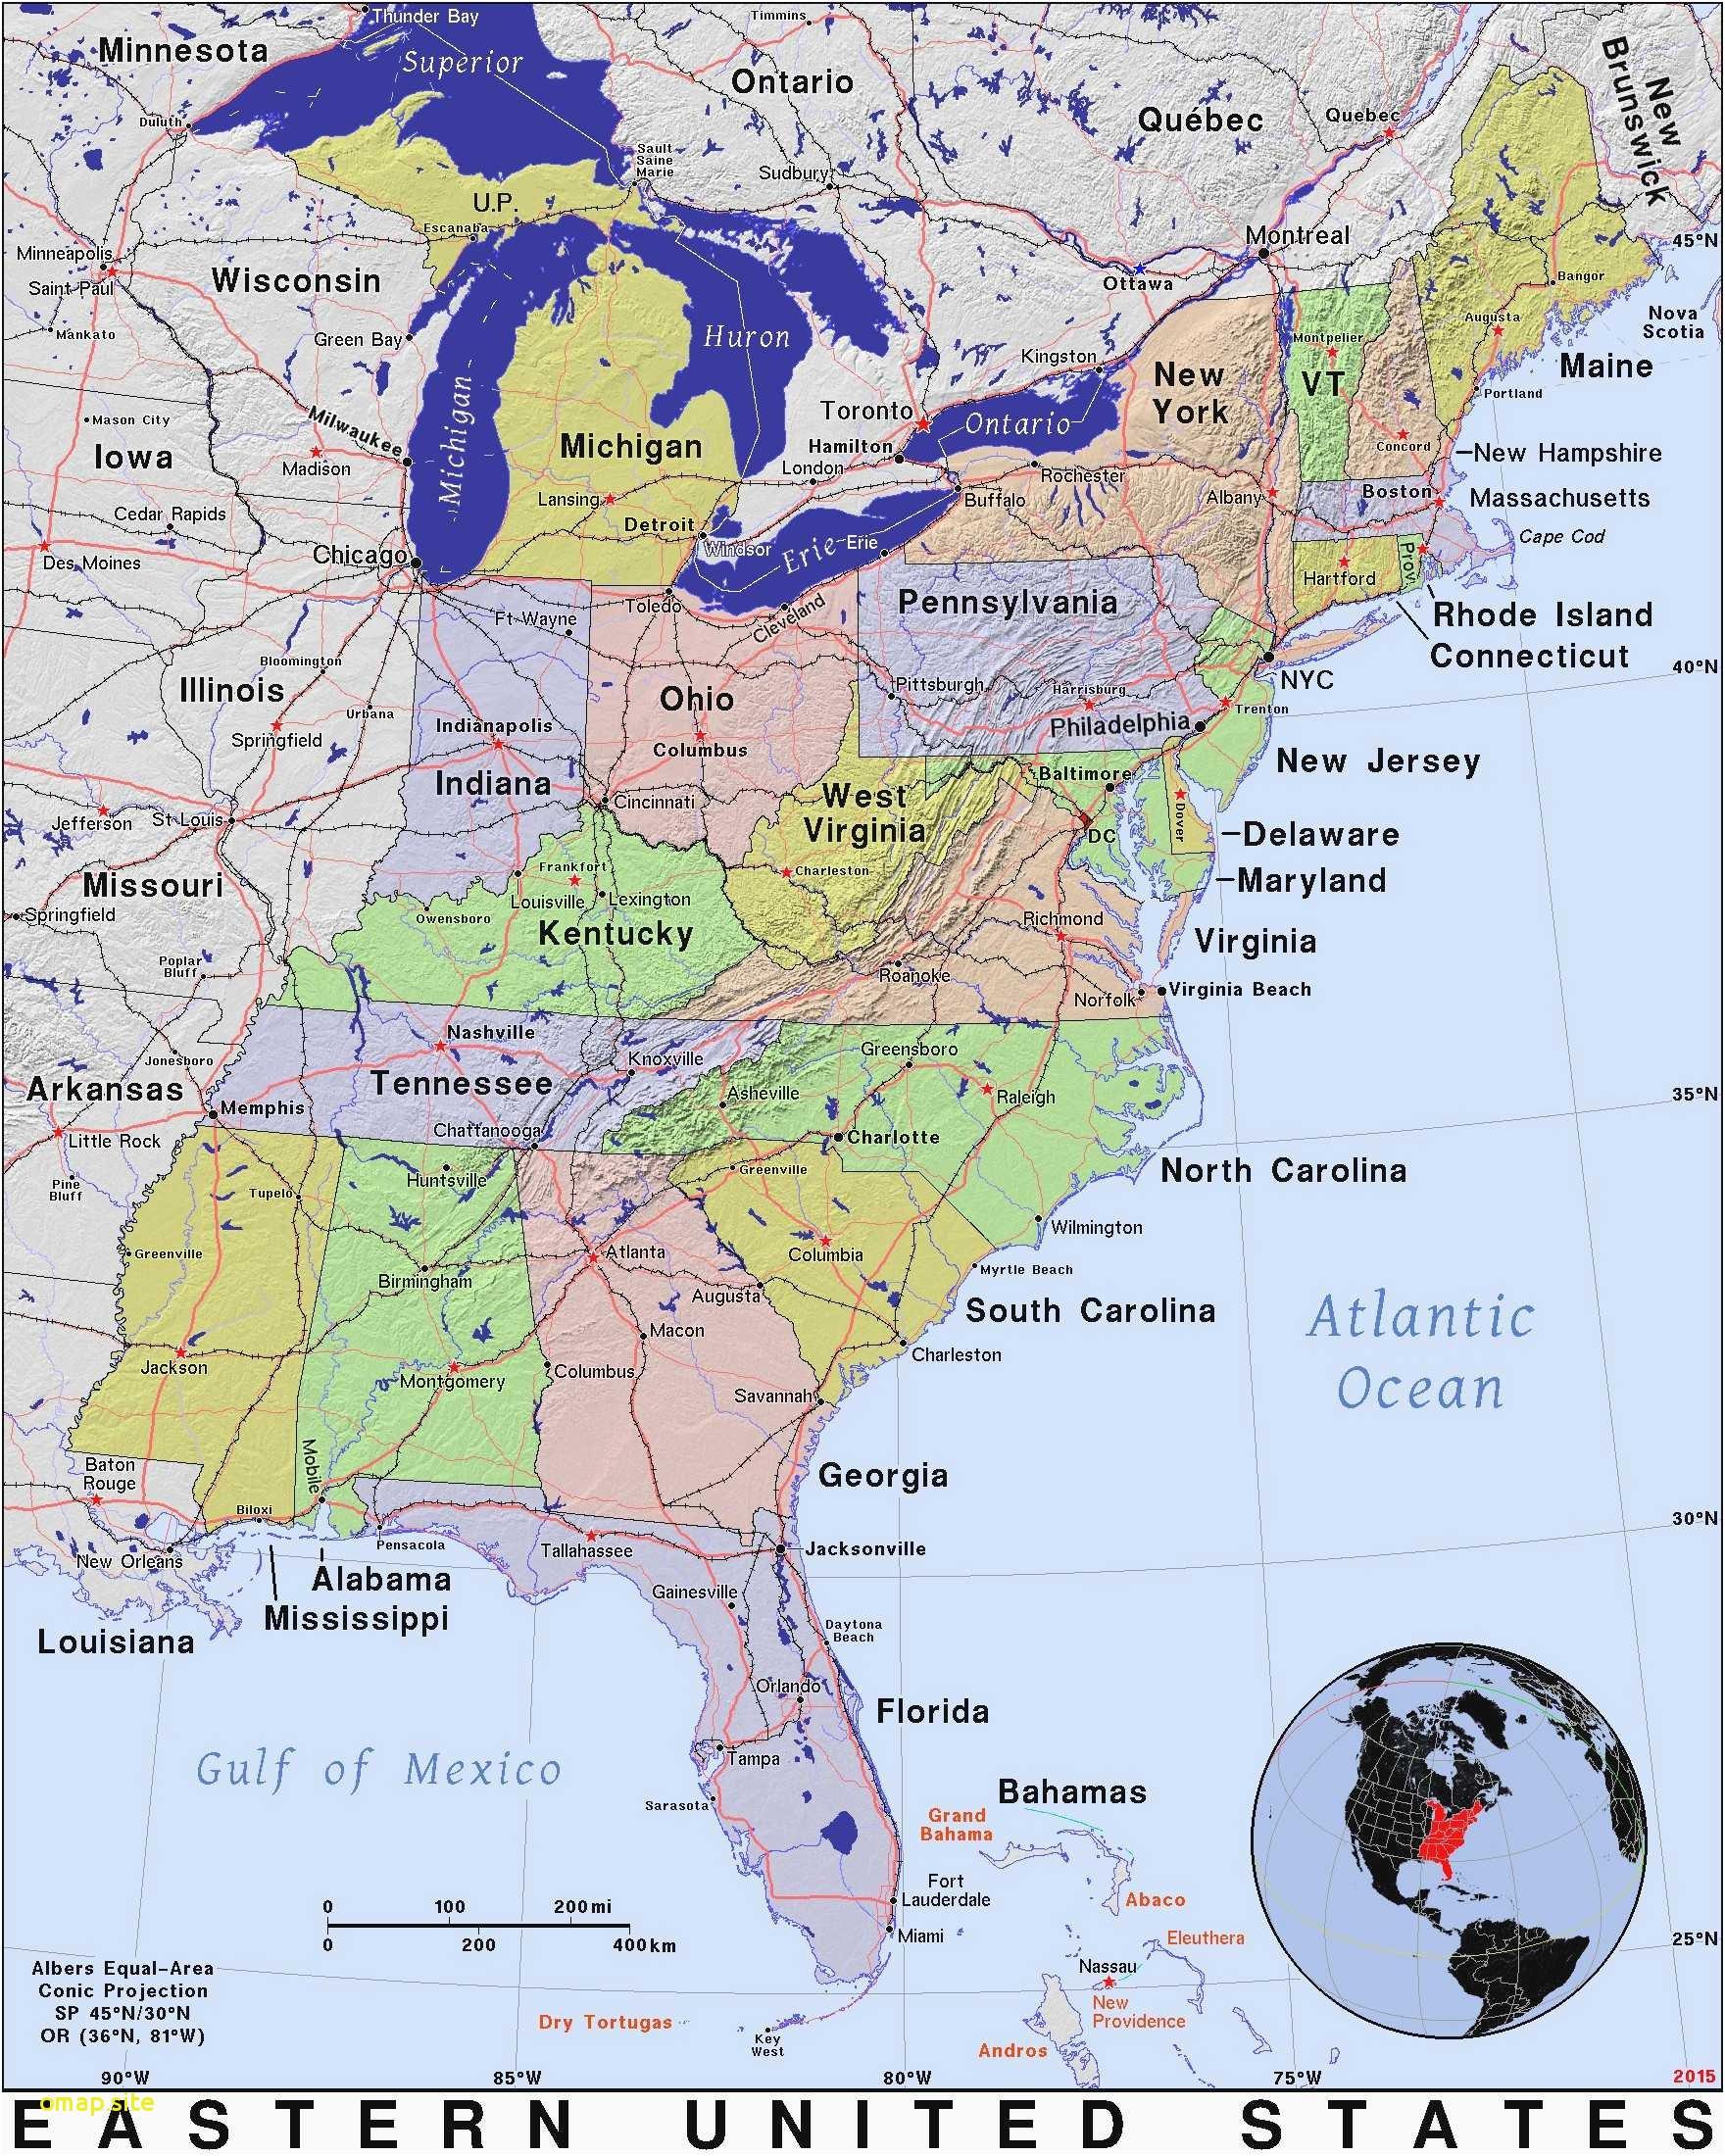 Map Of Florida East Coast Beaches - Florida East Coast Beaches Map